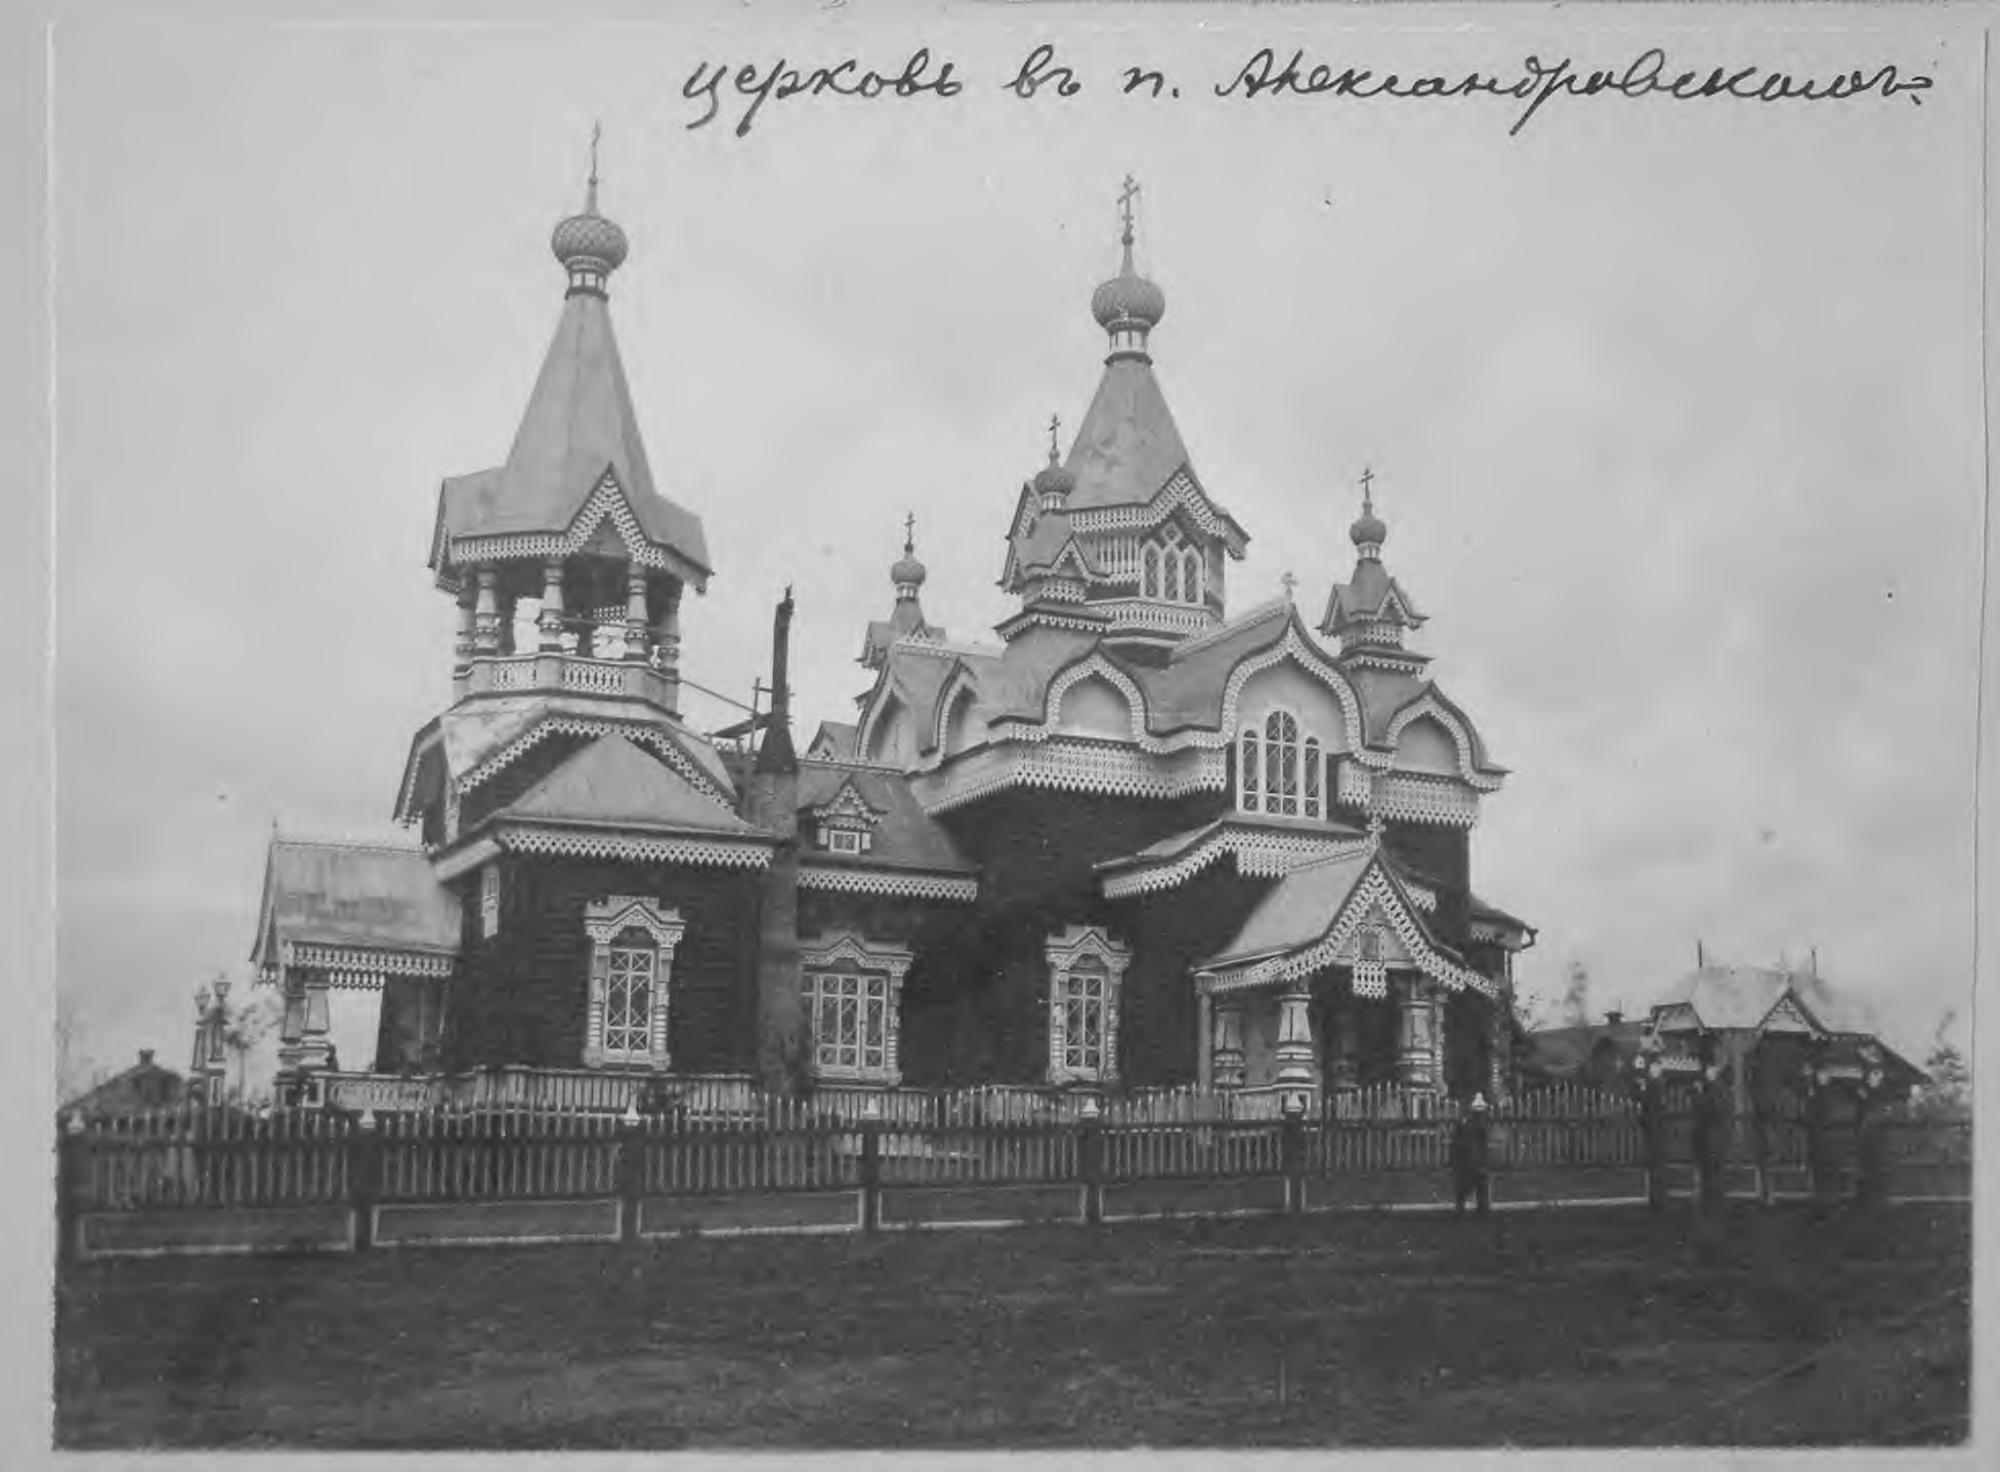 Церковь в посту Александровском